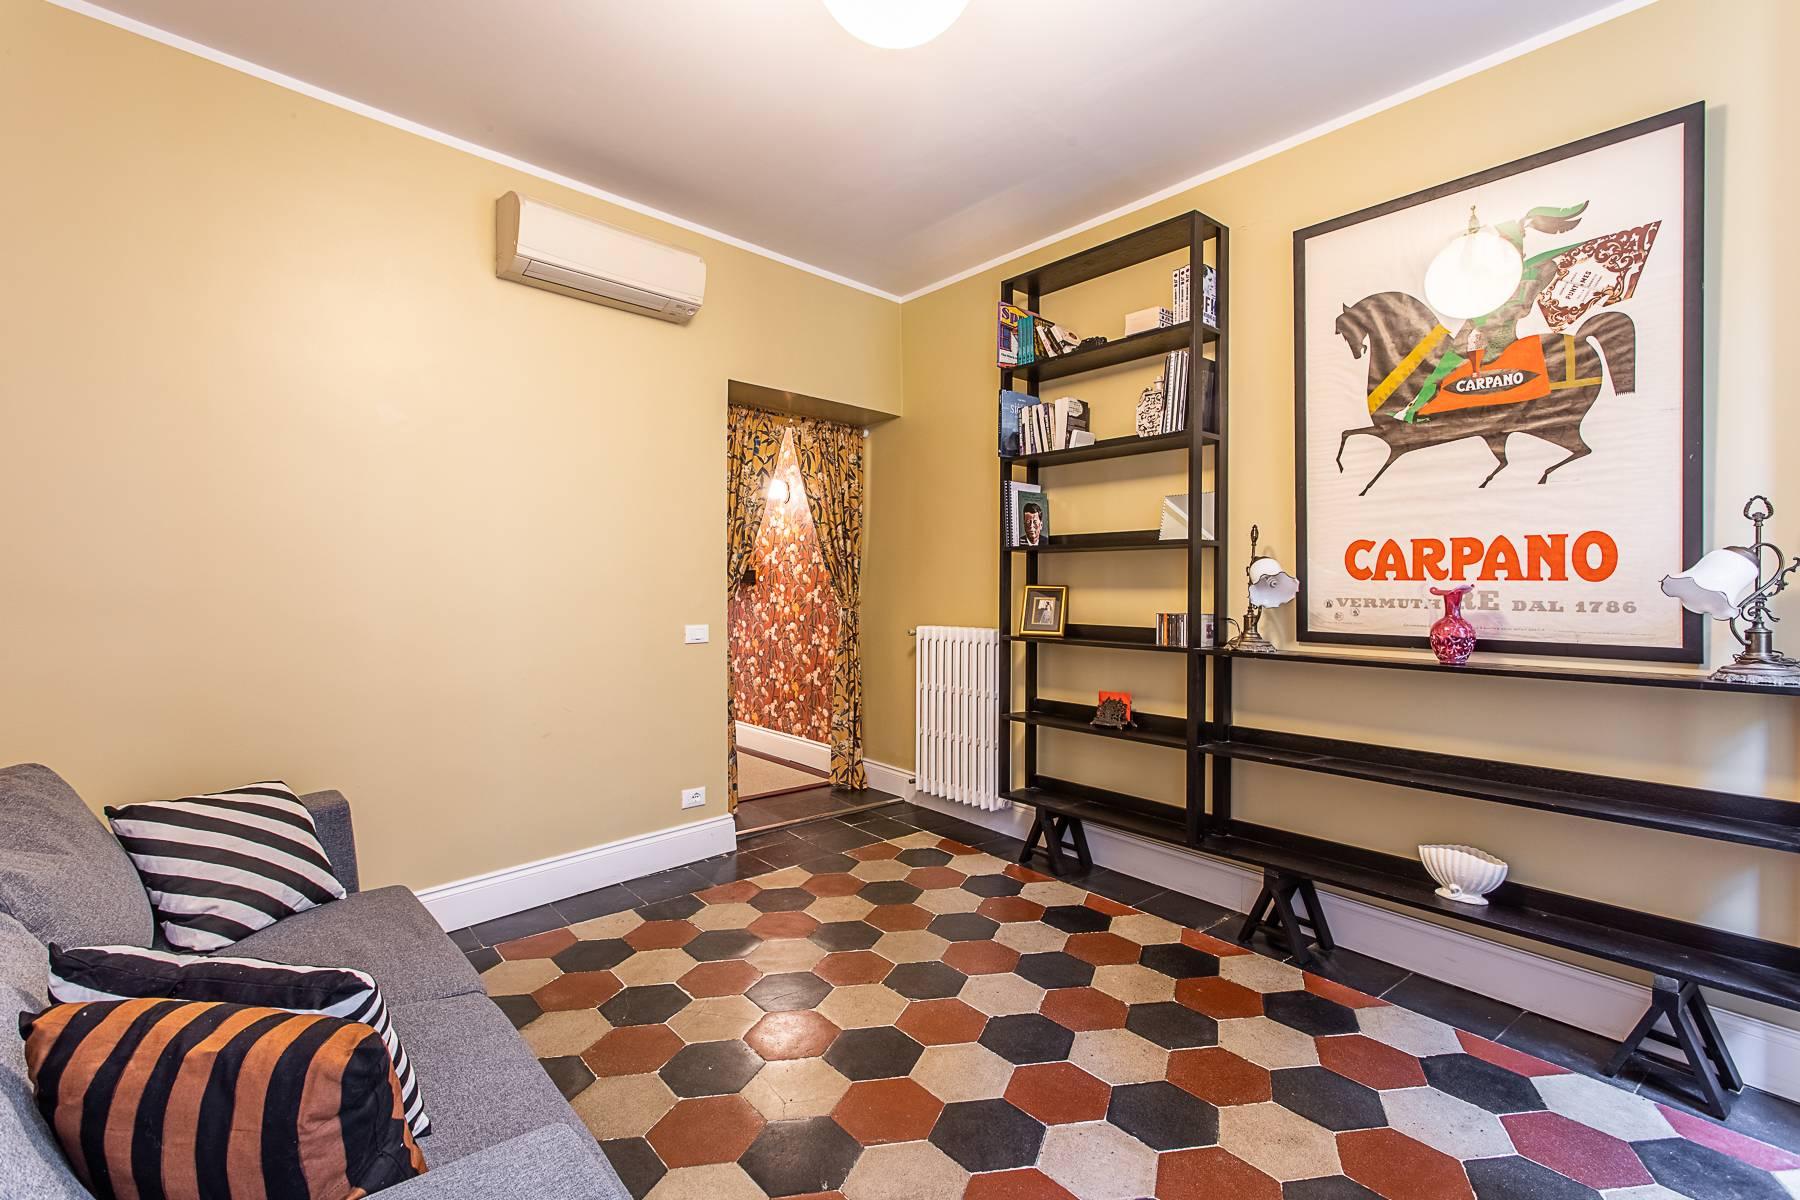 Appartamento in Vendita a Roma: 4 locali, 116 mq - Foto 16